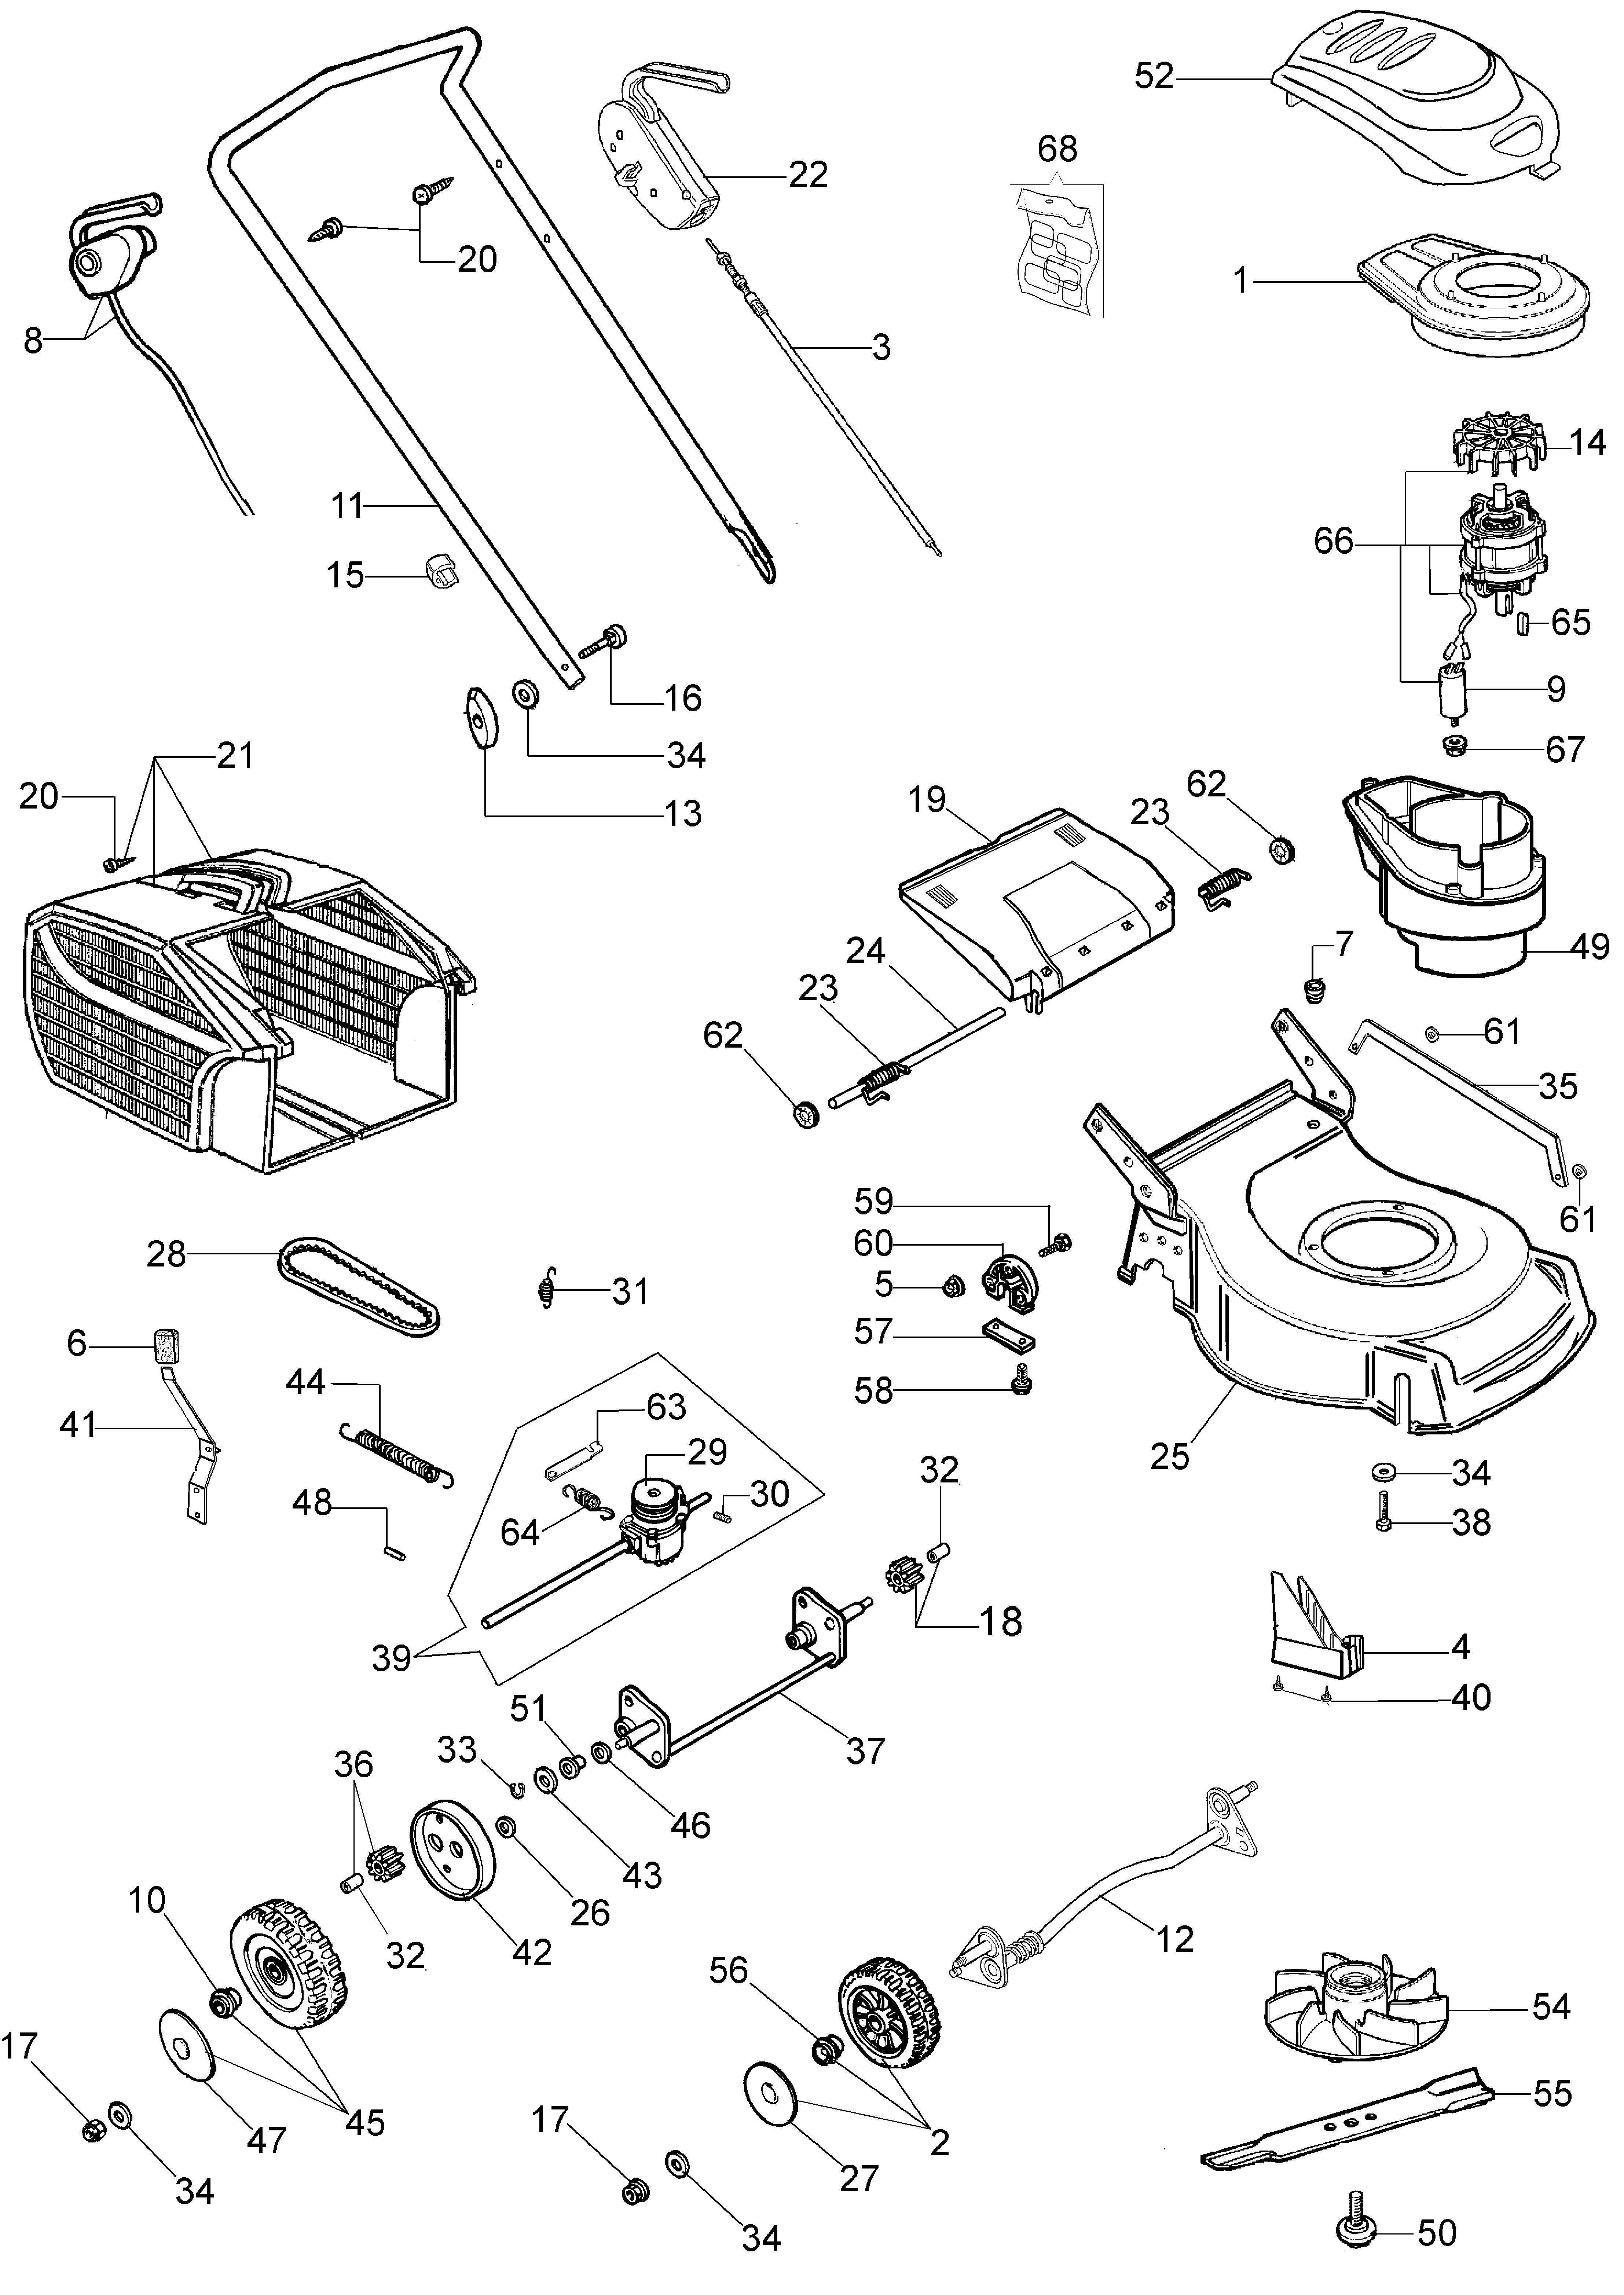 G 48 TE Tondeuse électrique oleomac Dessins pièces -  Vue éclatée complète